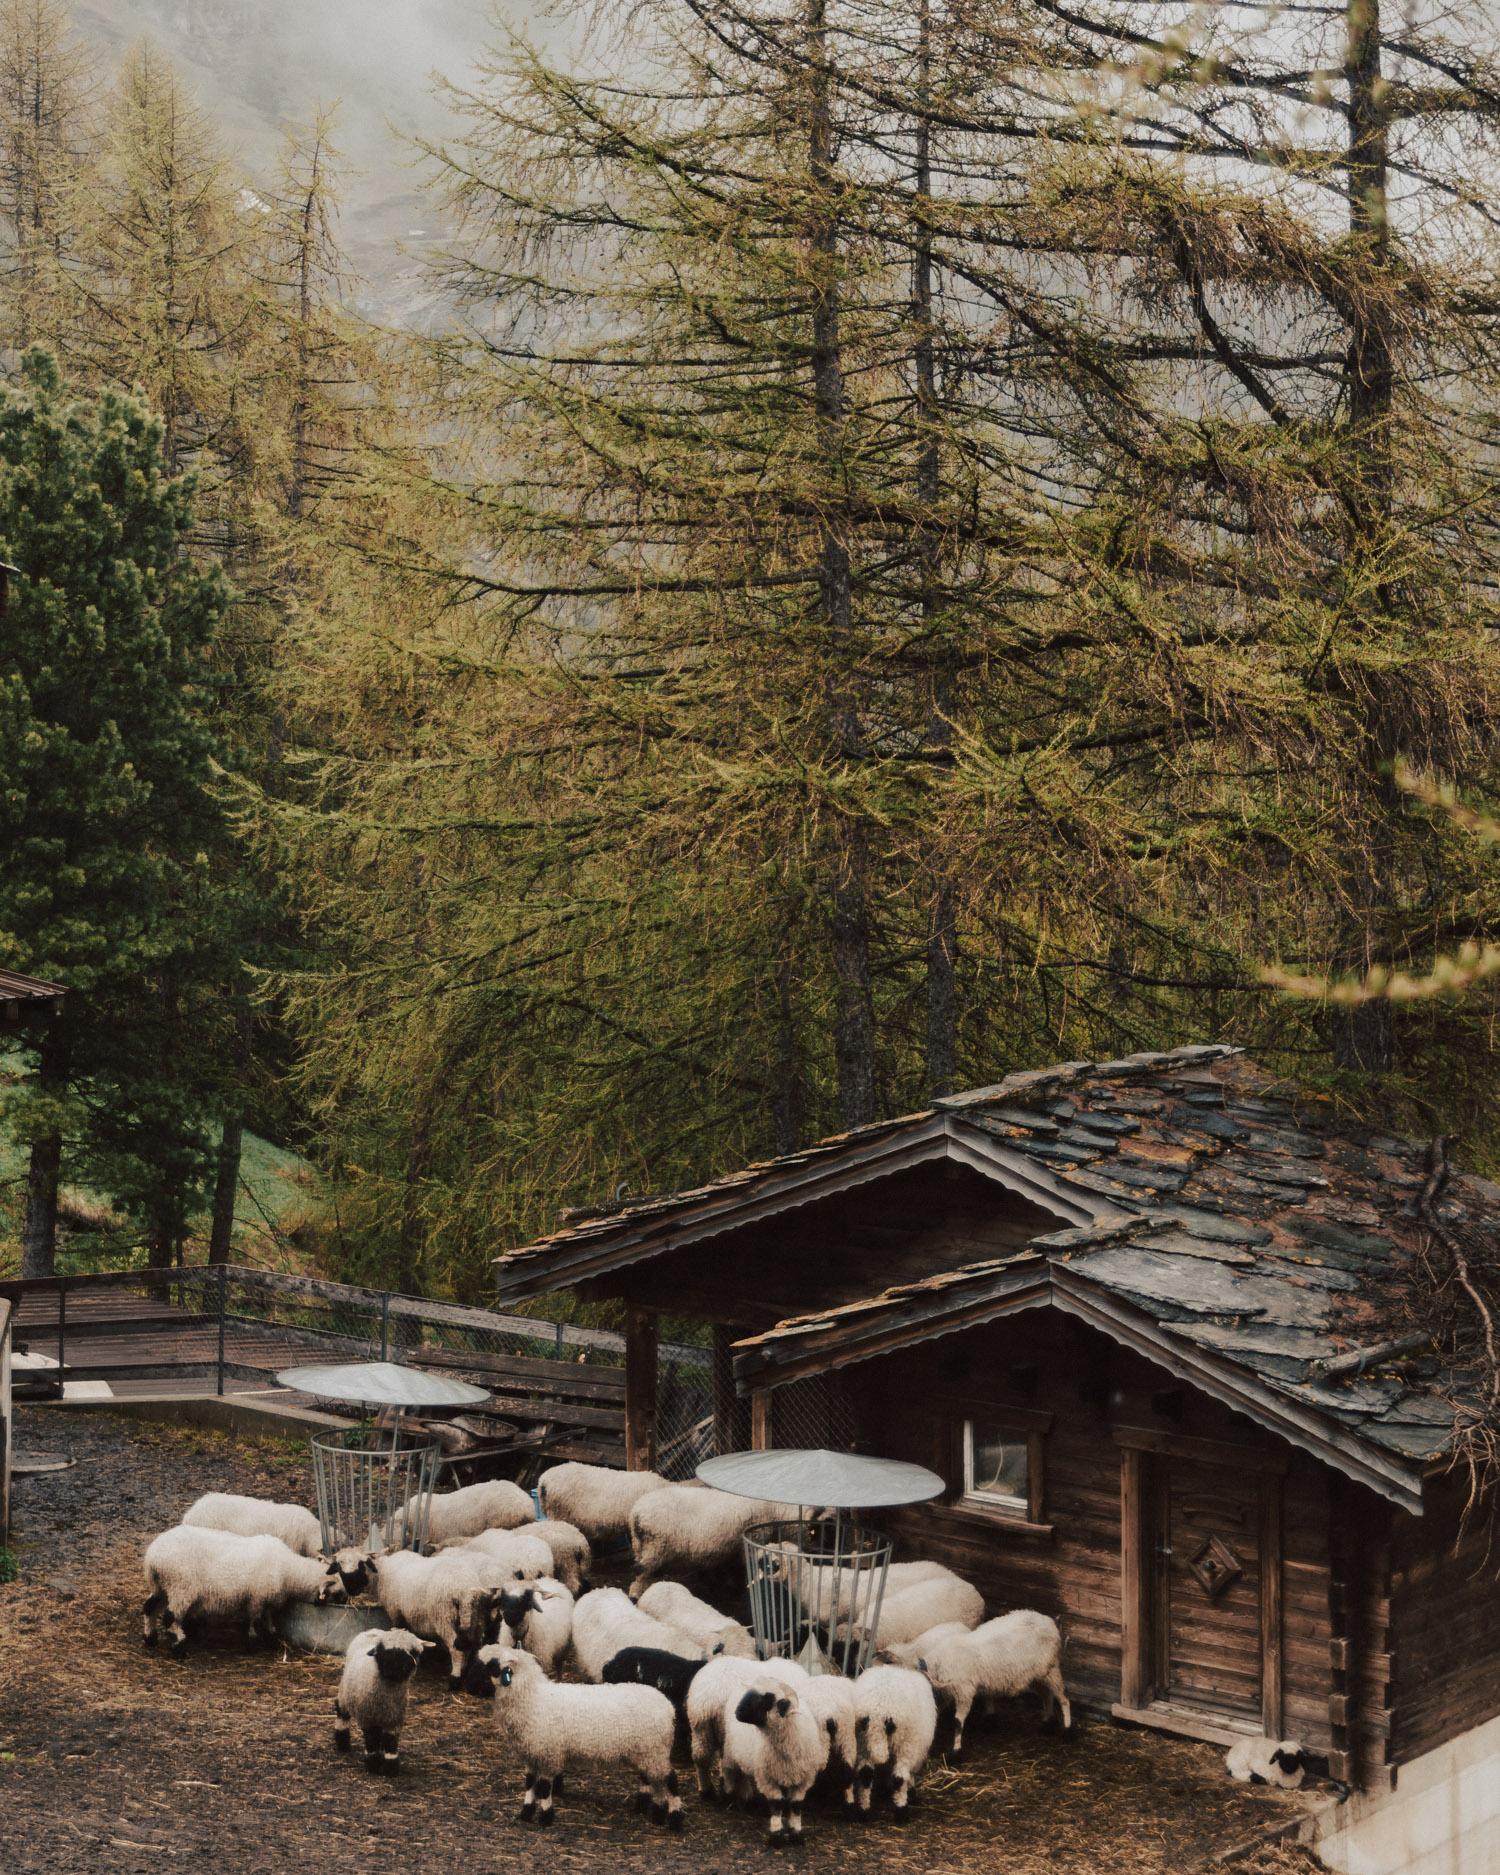 Söta svartnosfår i Zermatt